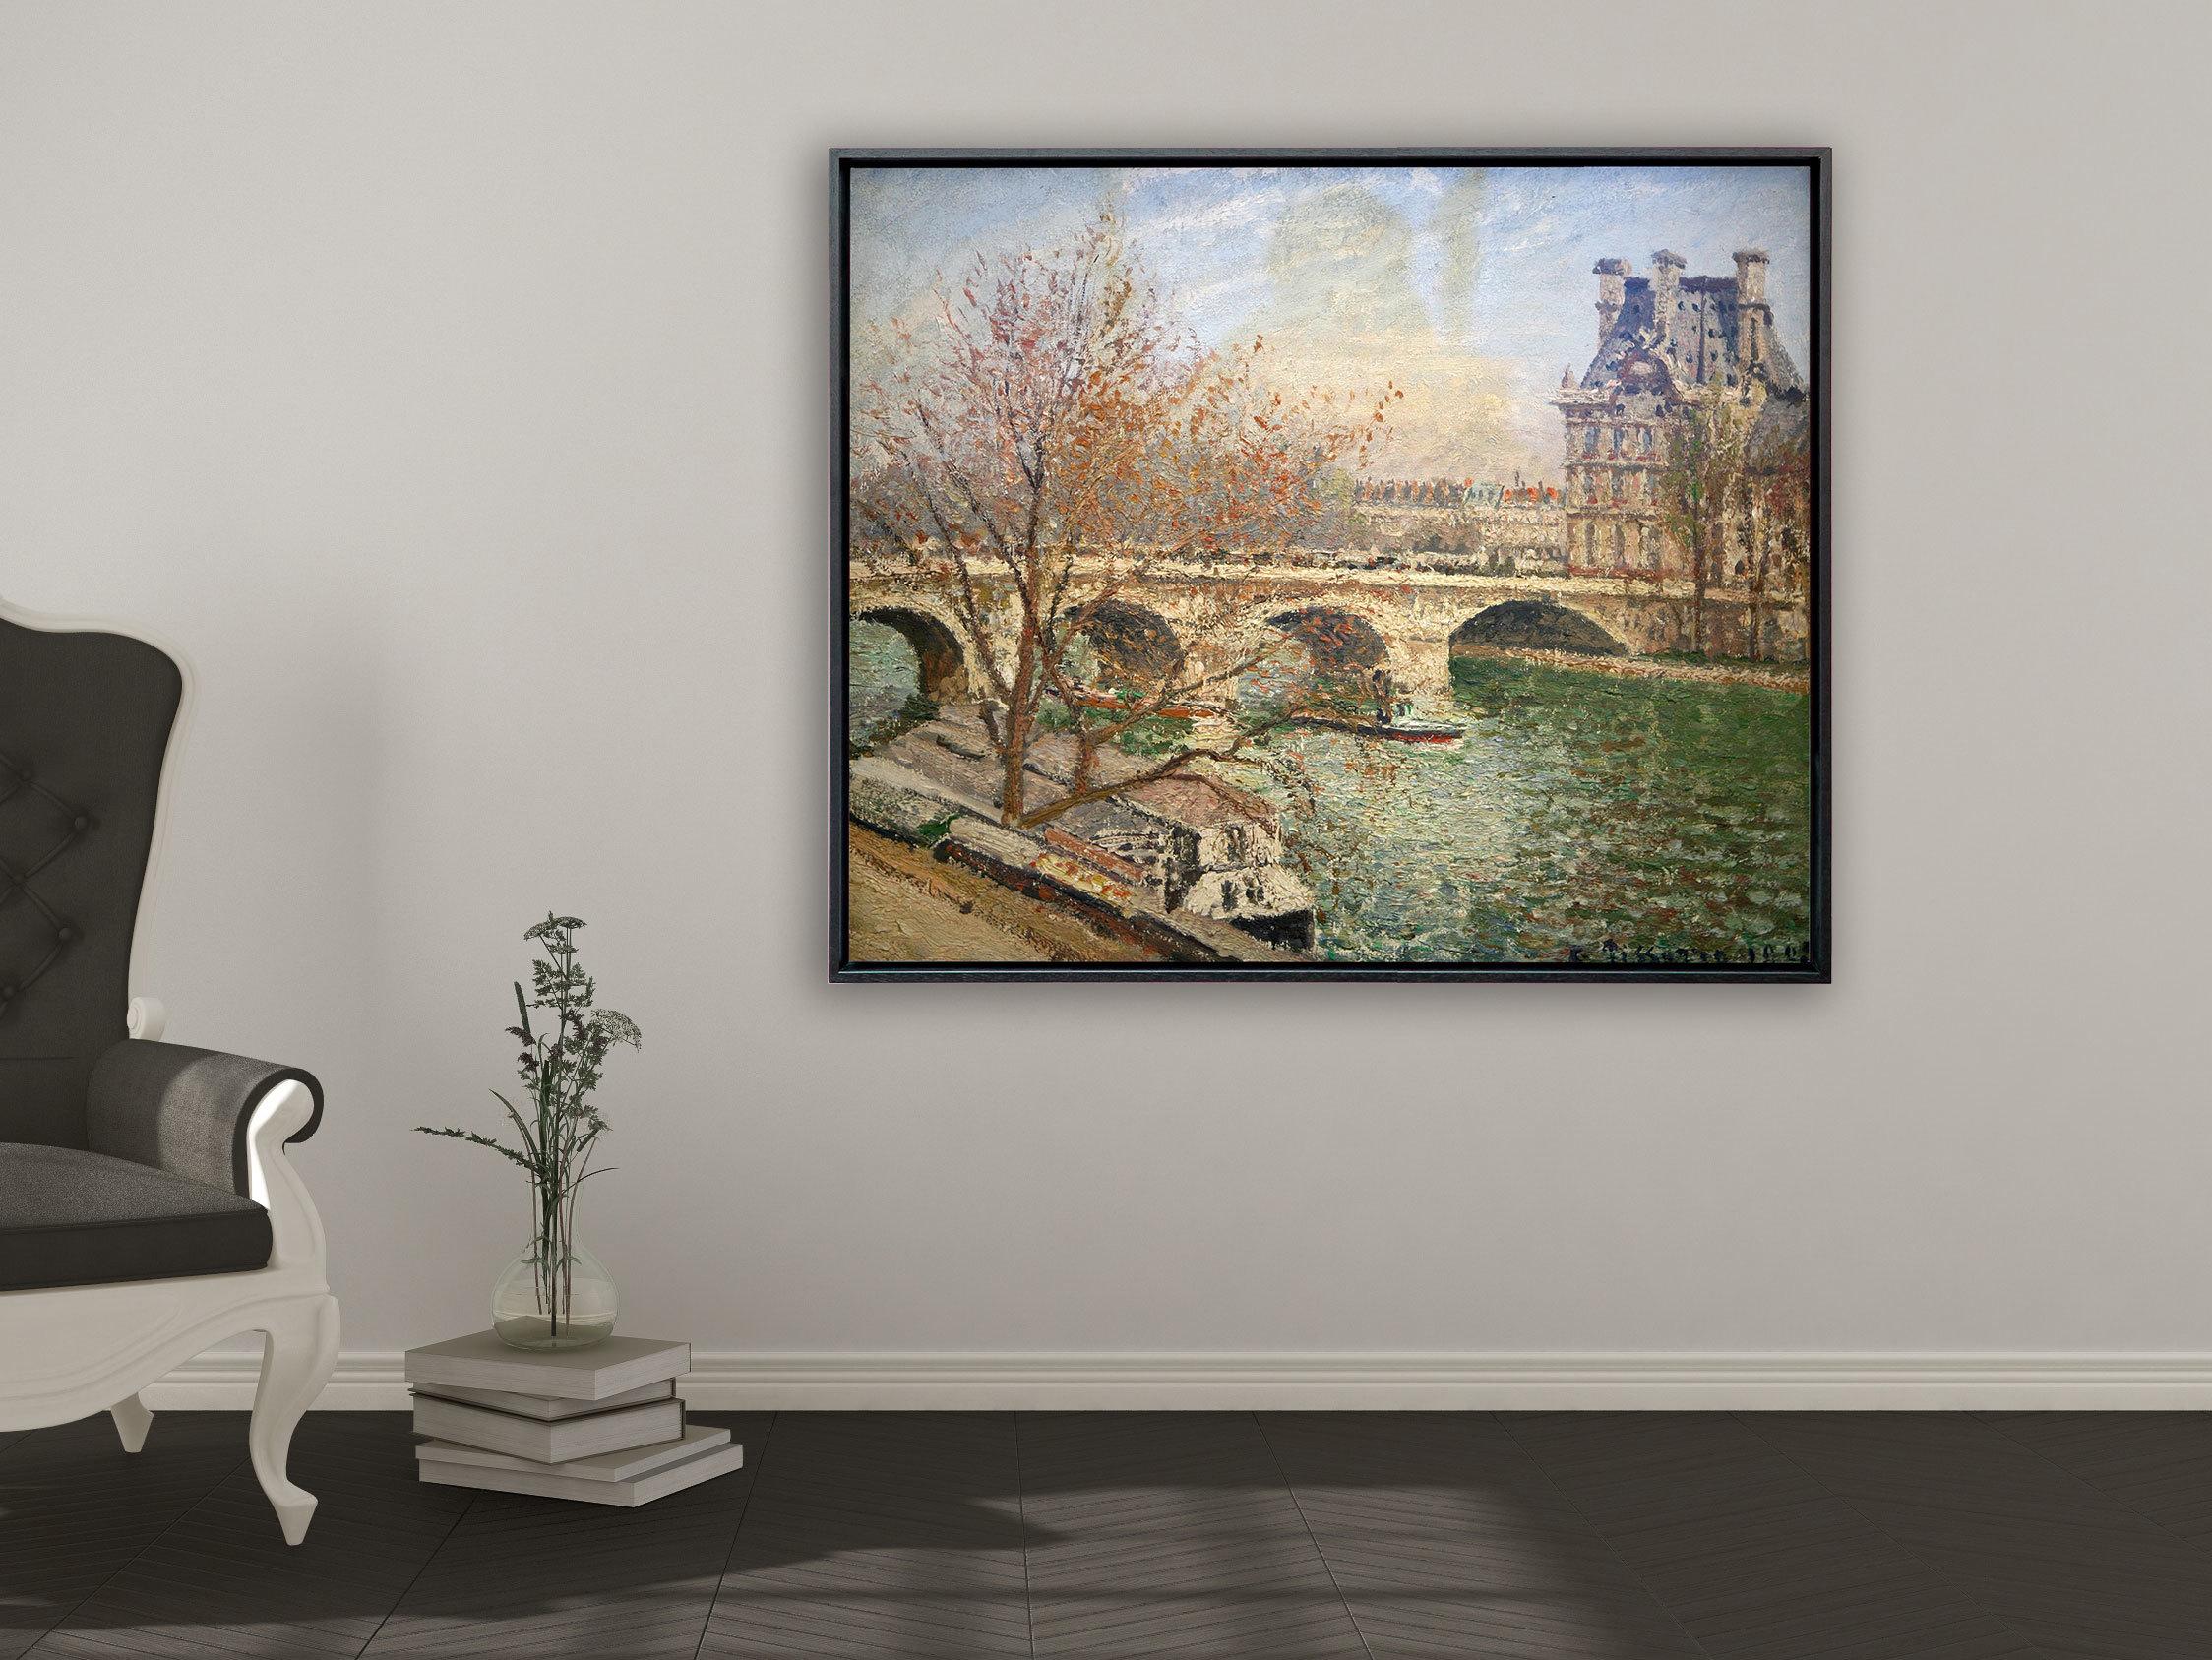 Camille Pissarro - Die königliche Brücke und der Flora Pavillion, Rahmen Schattenfuge schwarz